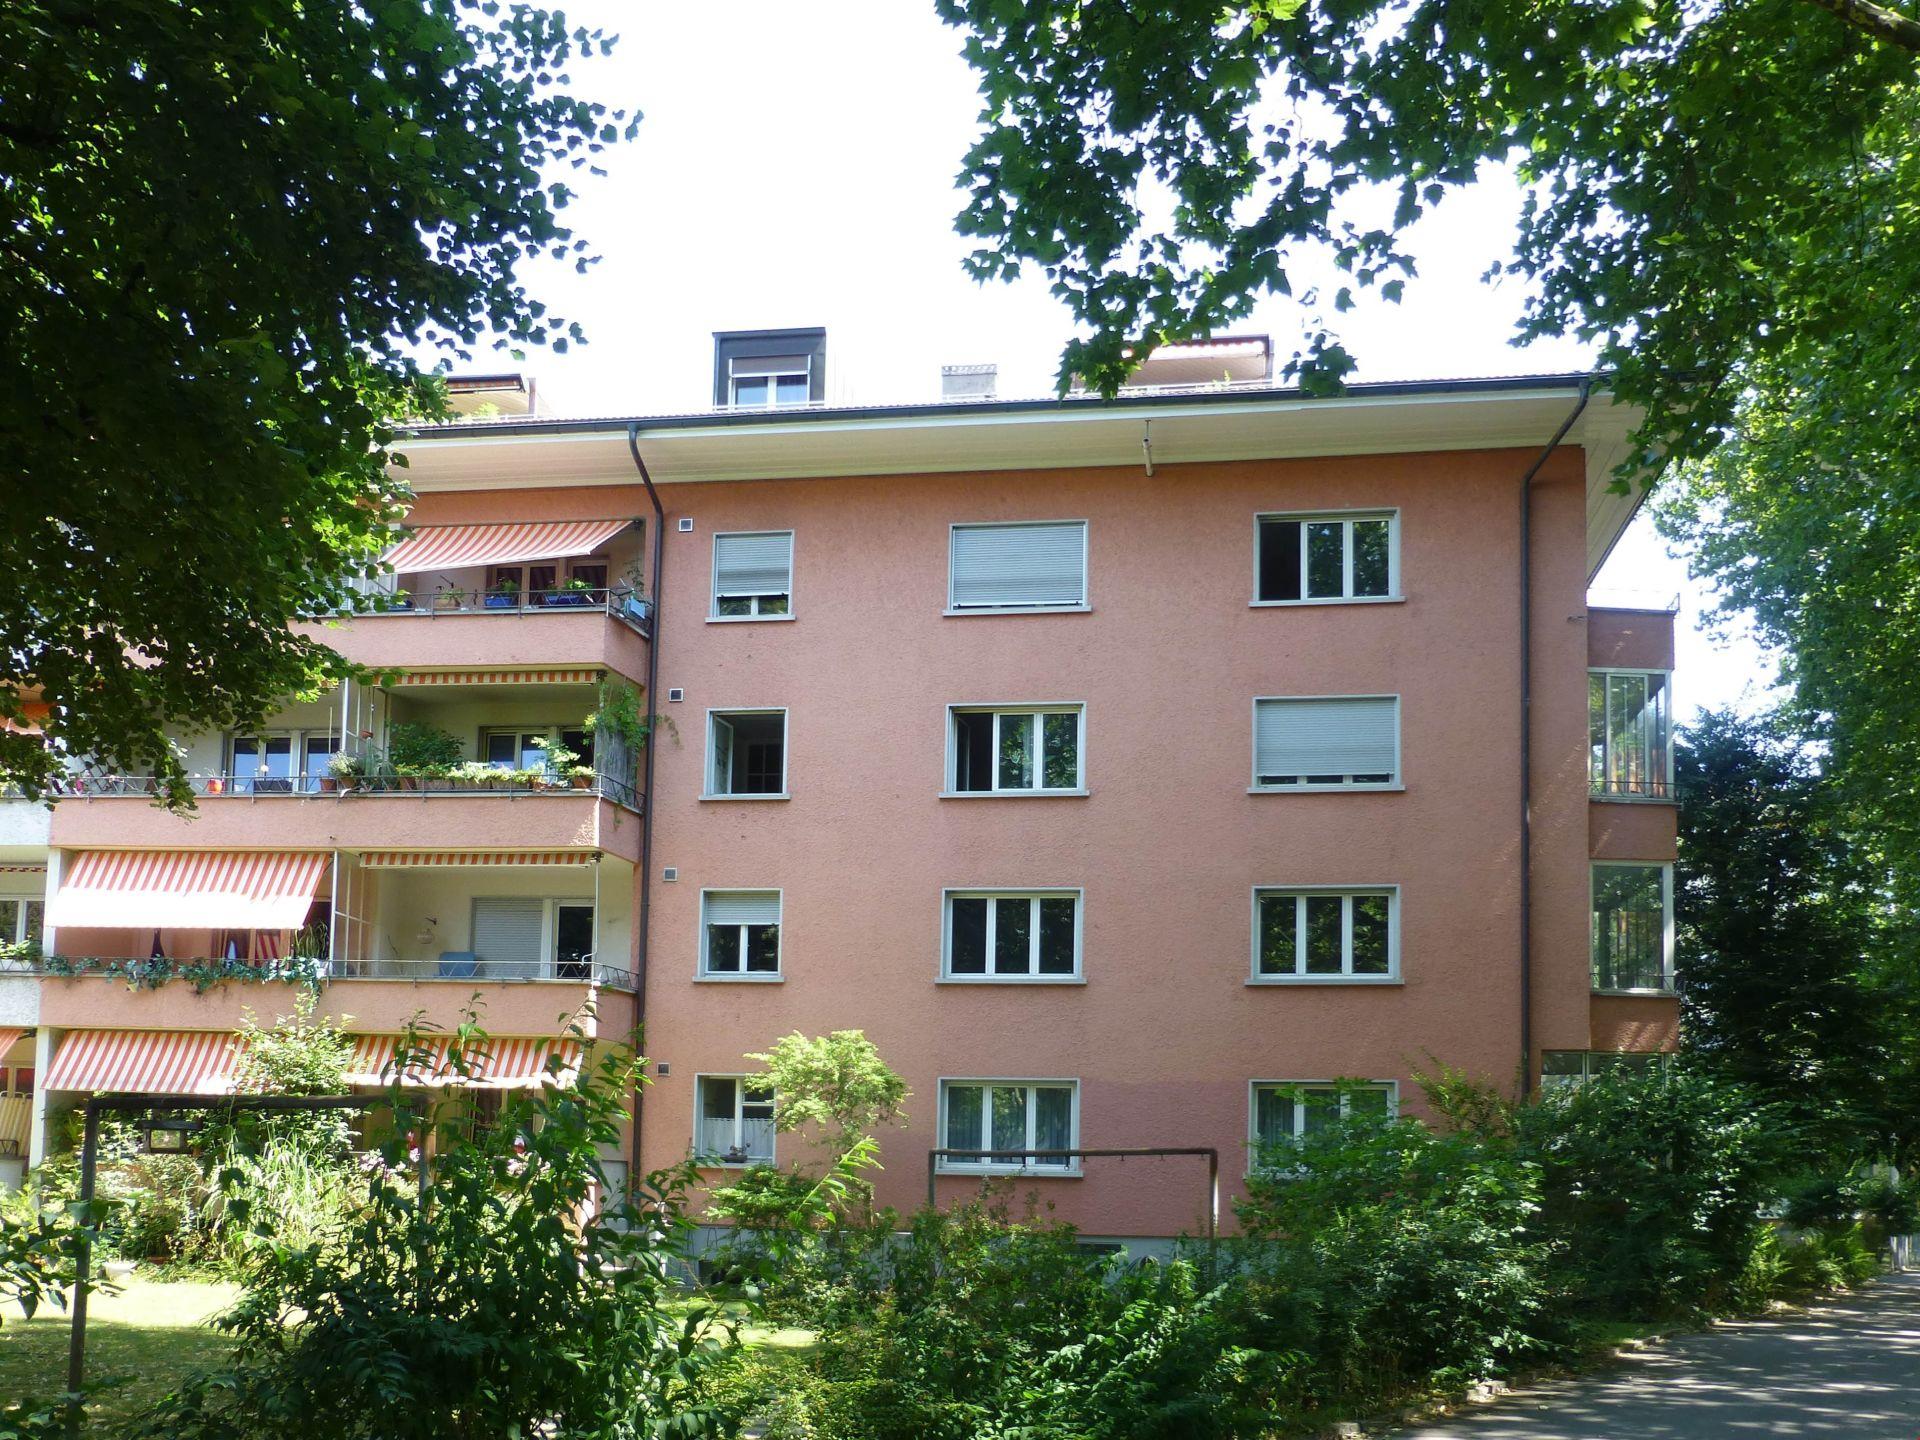 3014 Bern